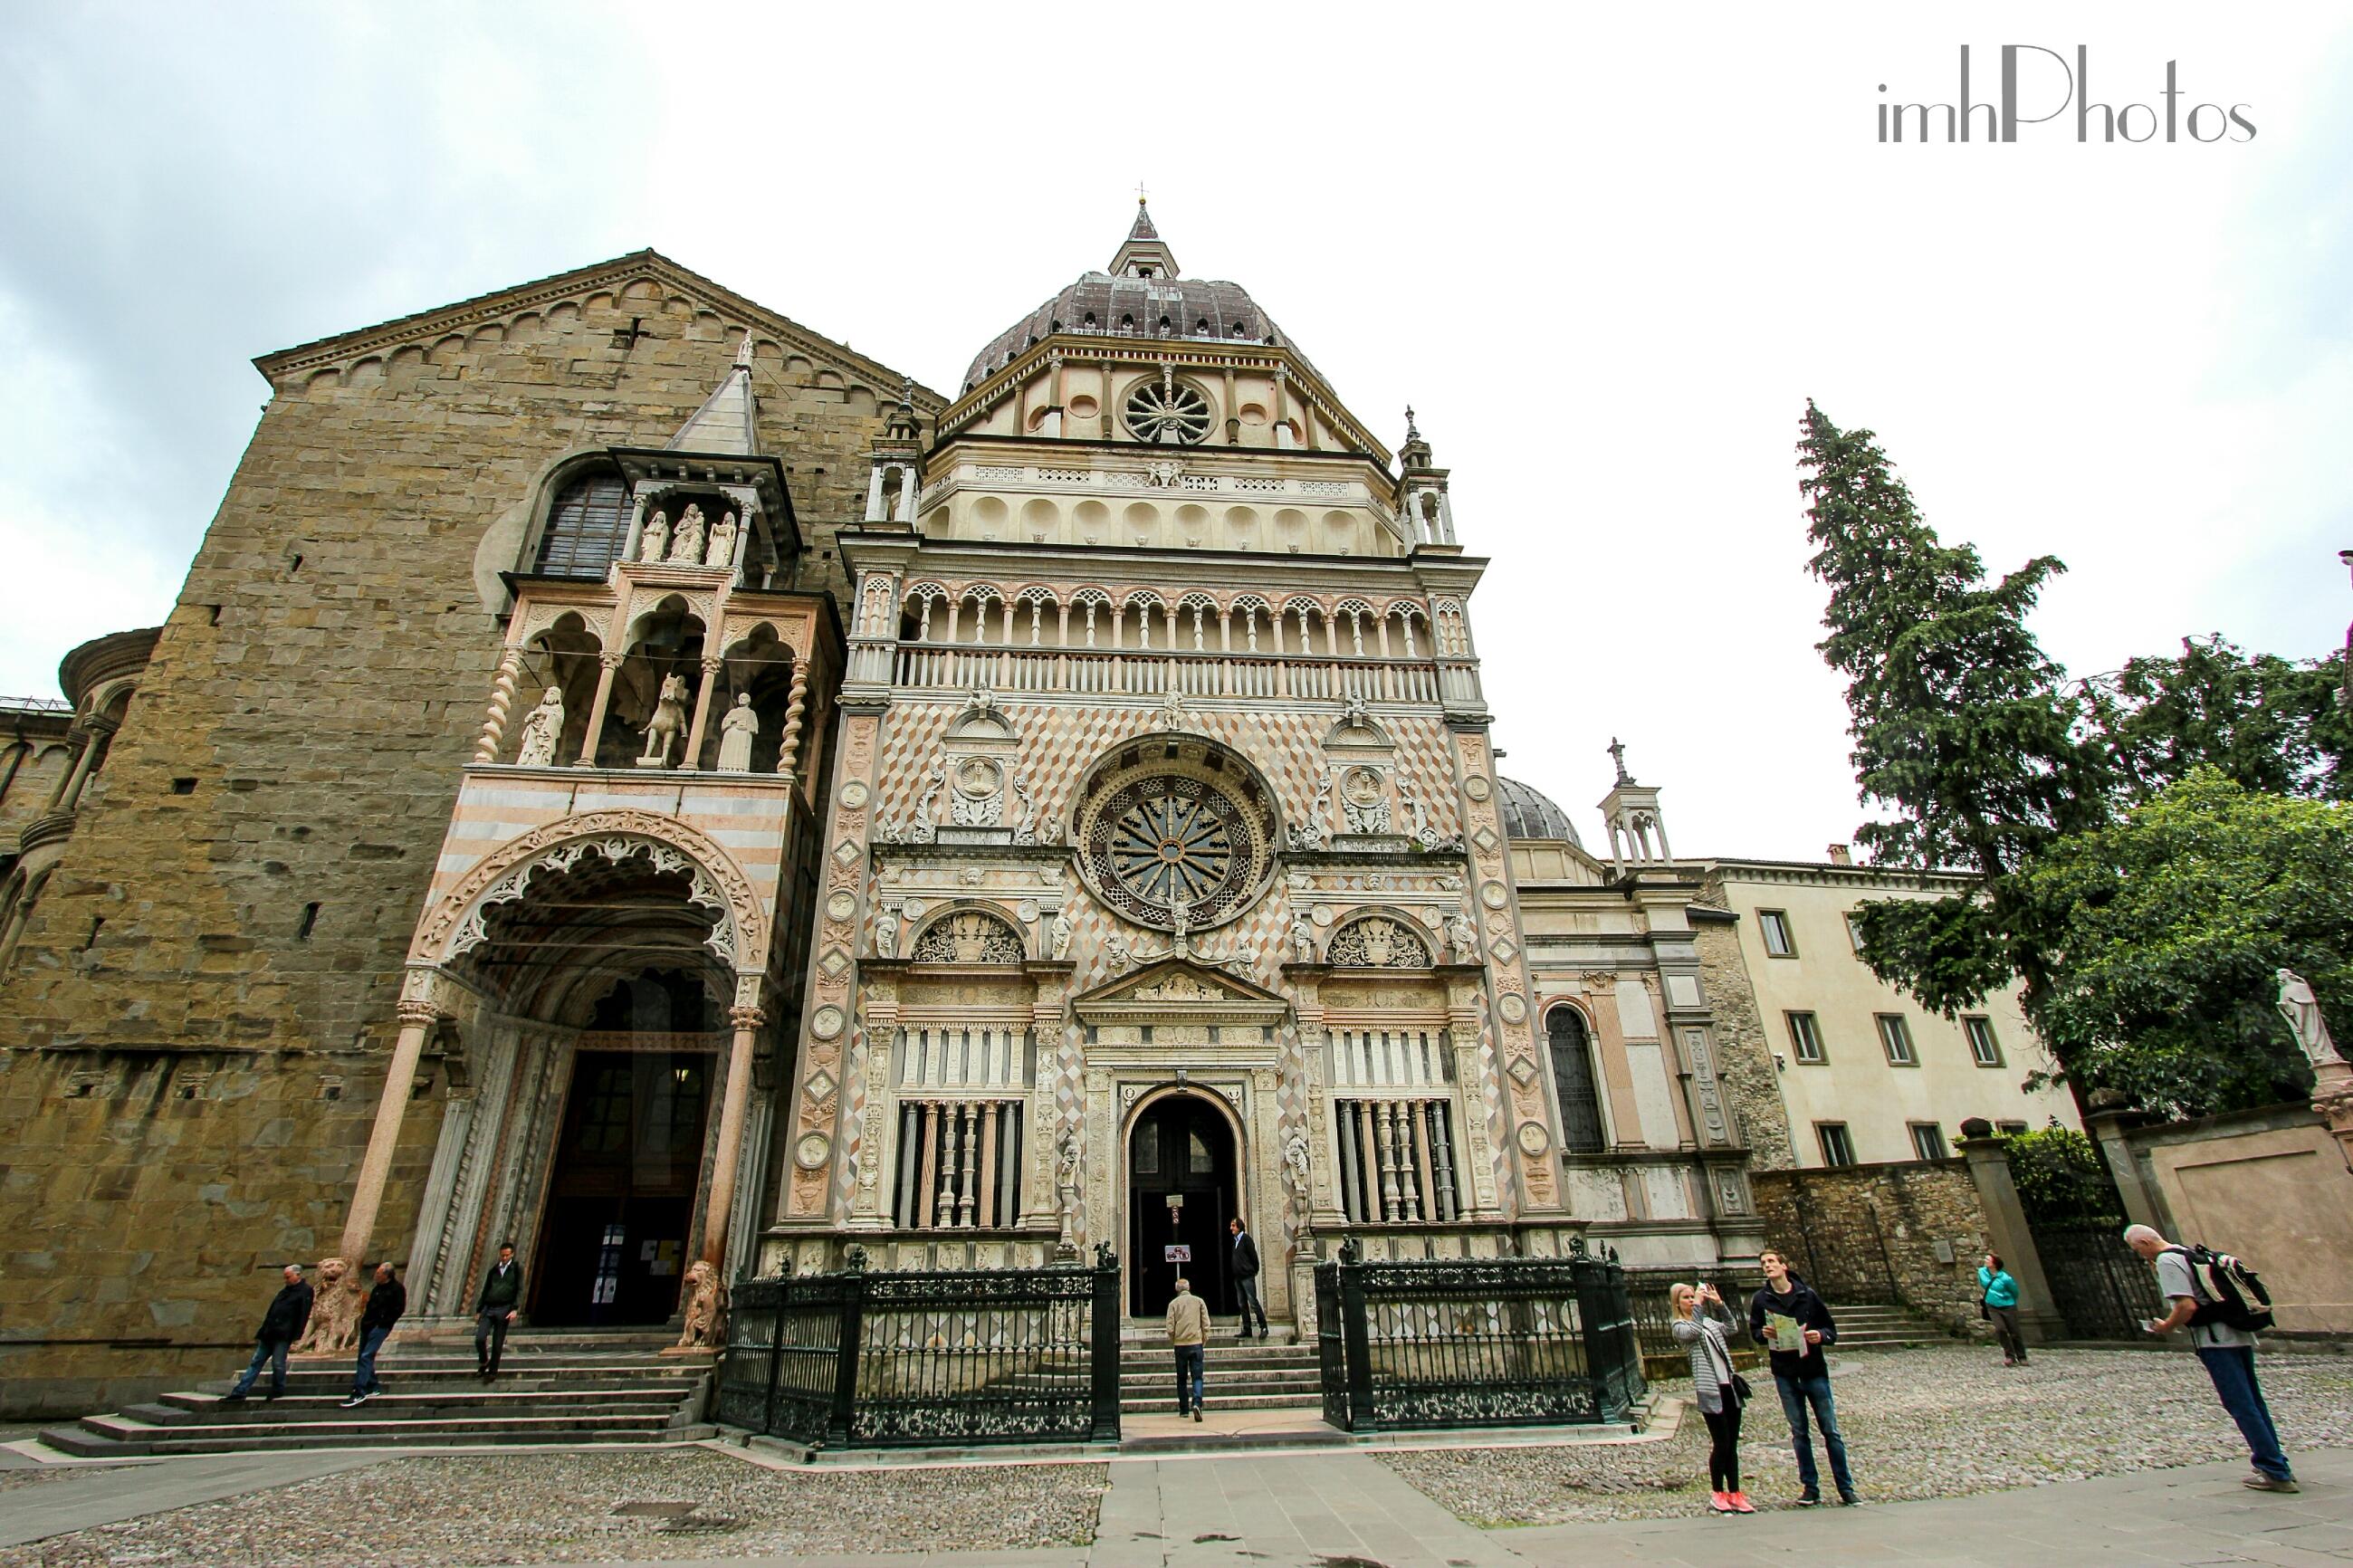 Cappella Colleoni & Basilica di Santa Maria Maggiori